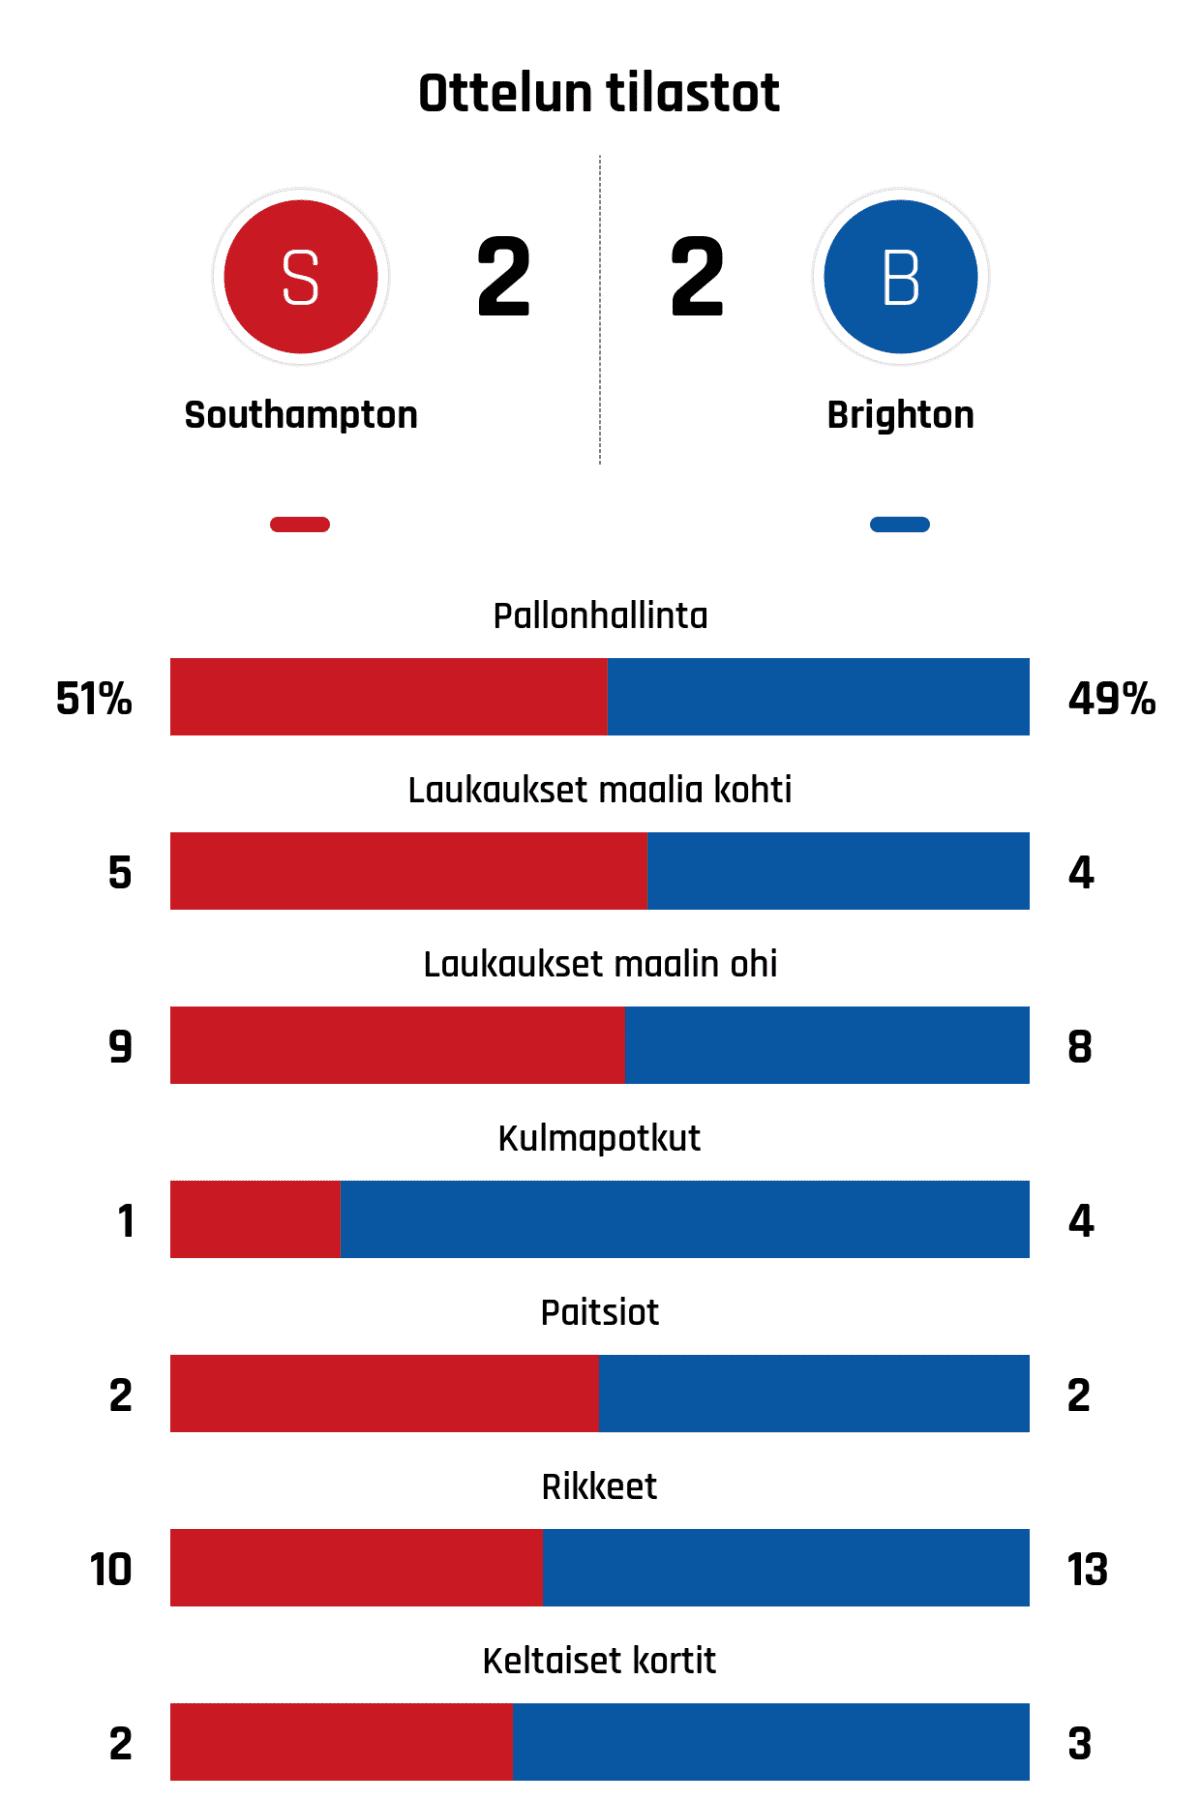 Pallonhallinta 51%-49% Laukaukset maalia kohti 5-4 Laukaukset maalin ohi 9-8 Kulmapotkut 1-4 Paitsiot 2-2 Rikkeet 10-13 Keltaiset kortit 2-3